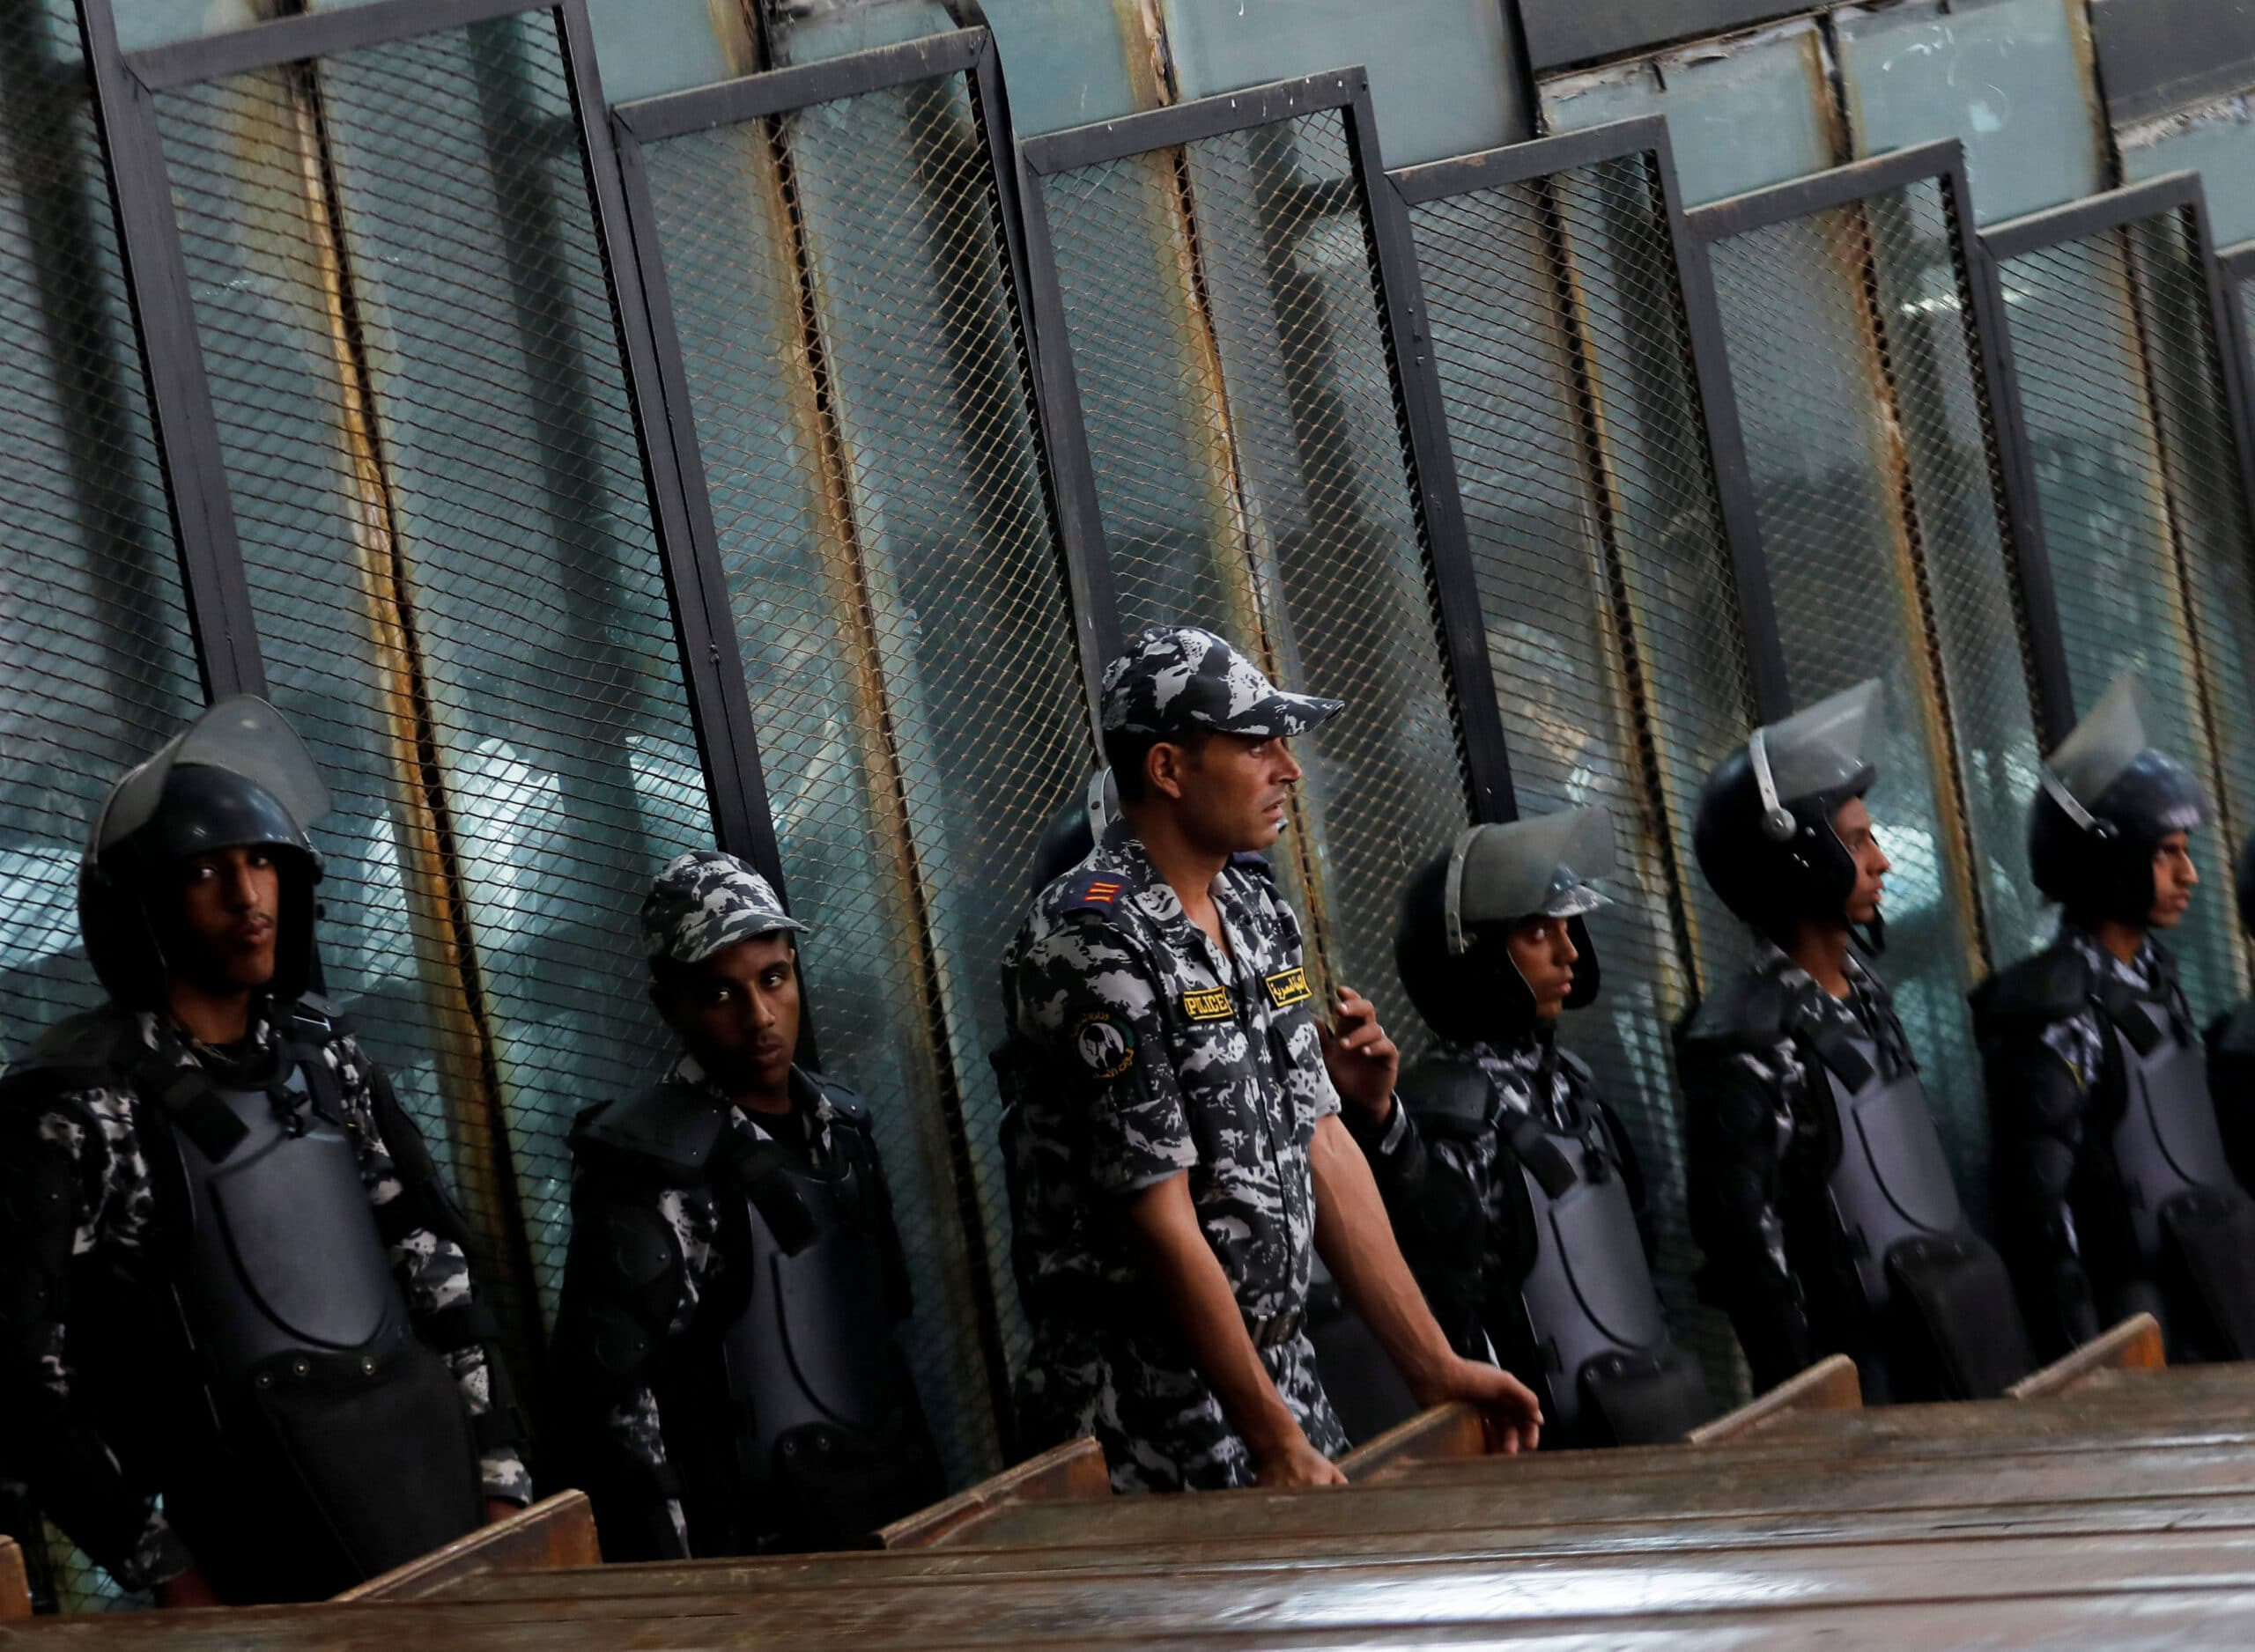 منظمة حقوقية تكشف عن فضيحة في أحكام إعدام رابعة